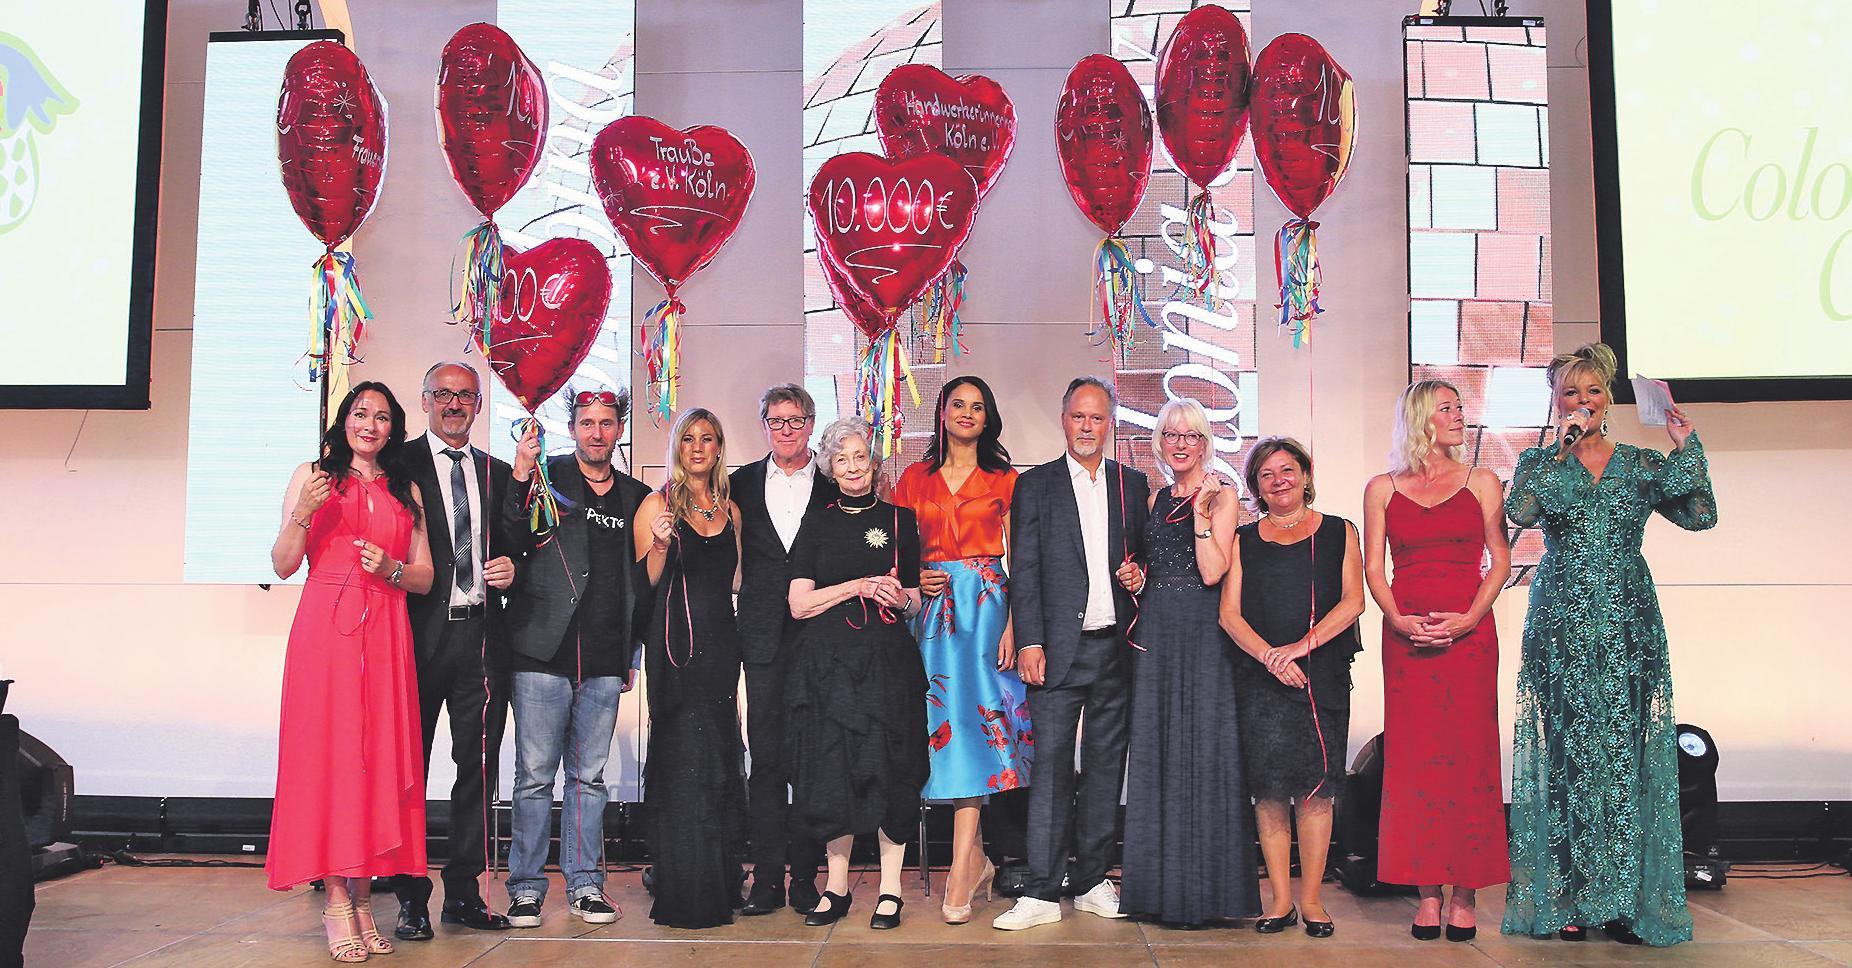 Prominente Paten nahmen auf der Benefiz-Gala die symbolischen Ballons entgegen Foto: KSTA-Archiv/Goyert